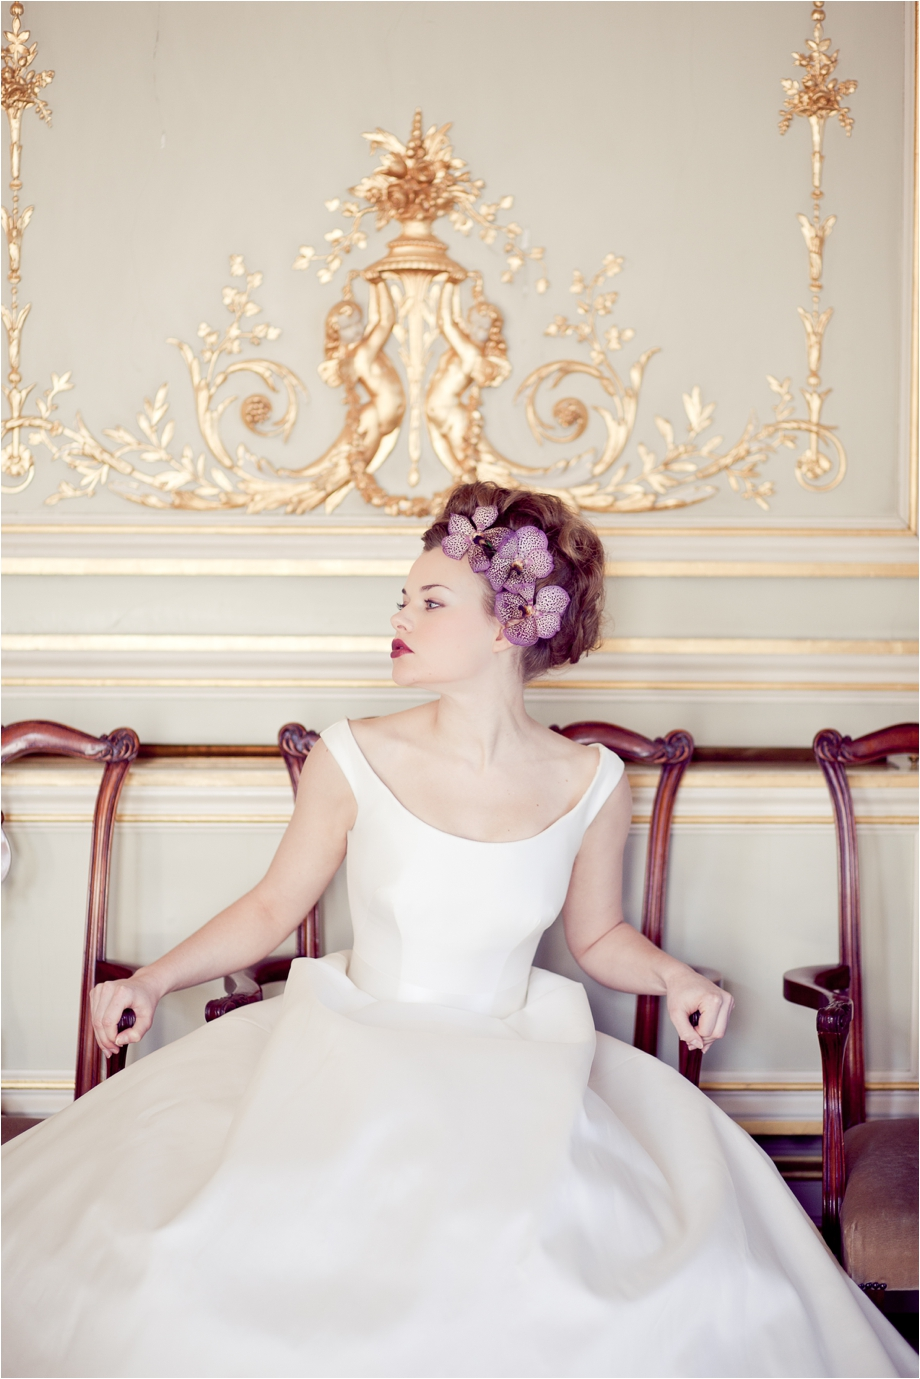 078_eddie-judd-photography-miss-bush-bridal-debutantes__FB